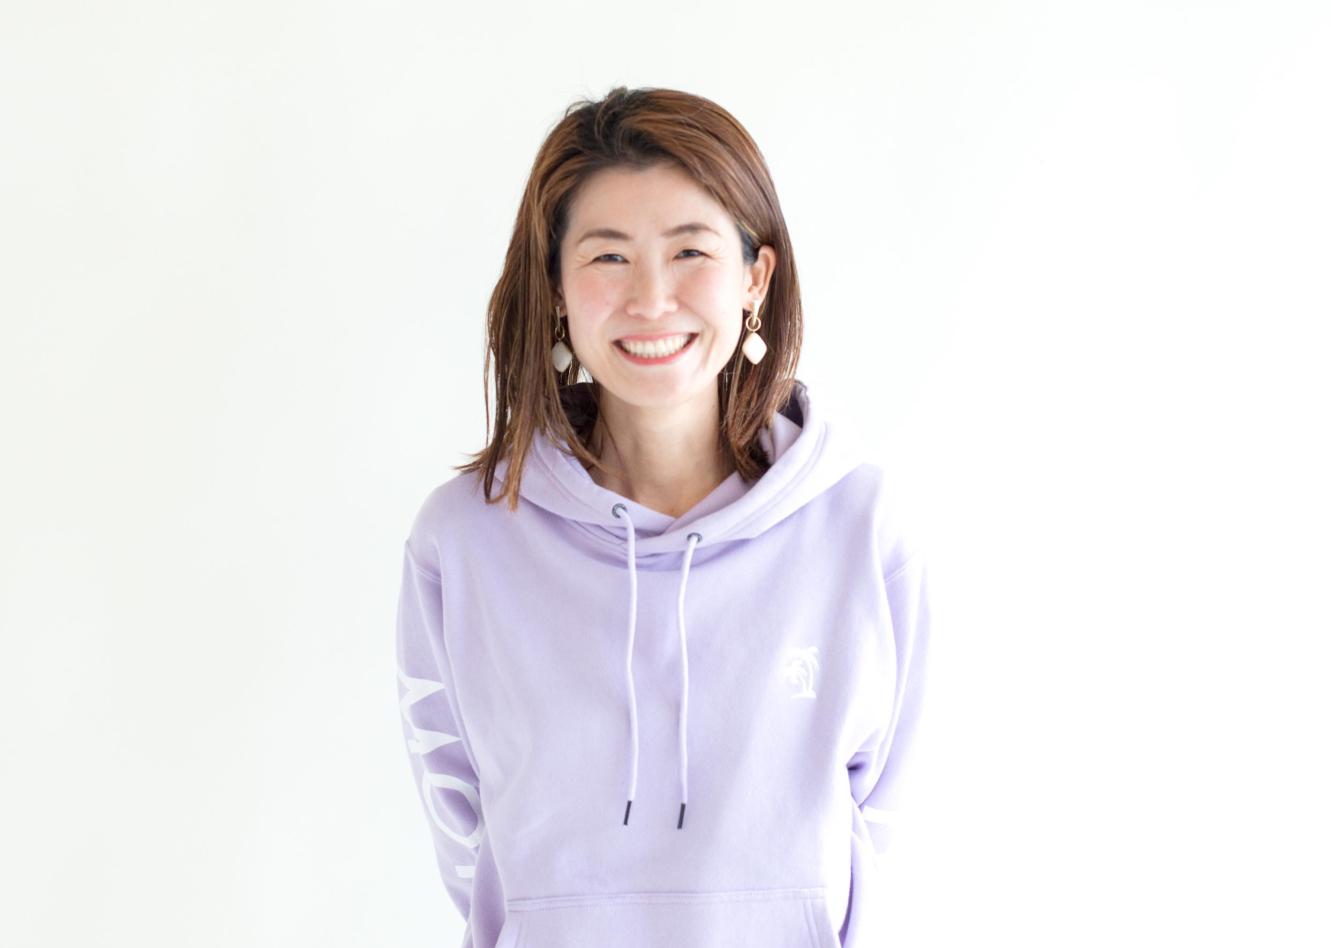 第3子出産と同時に会社を設立!「食で地域の縁をつなぐ」YUKARI代表取締役・渡部久美子さんの挑戦